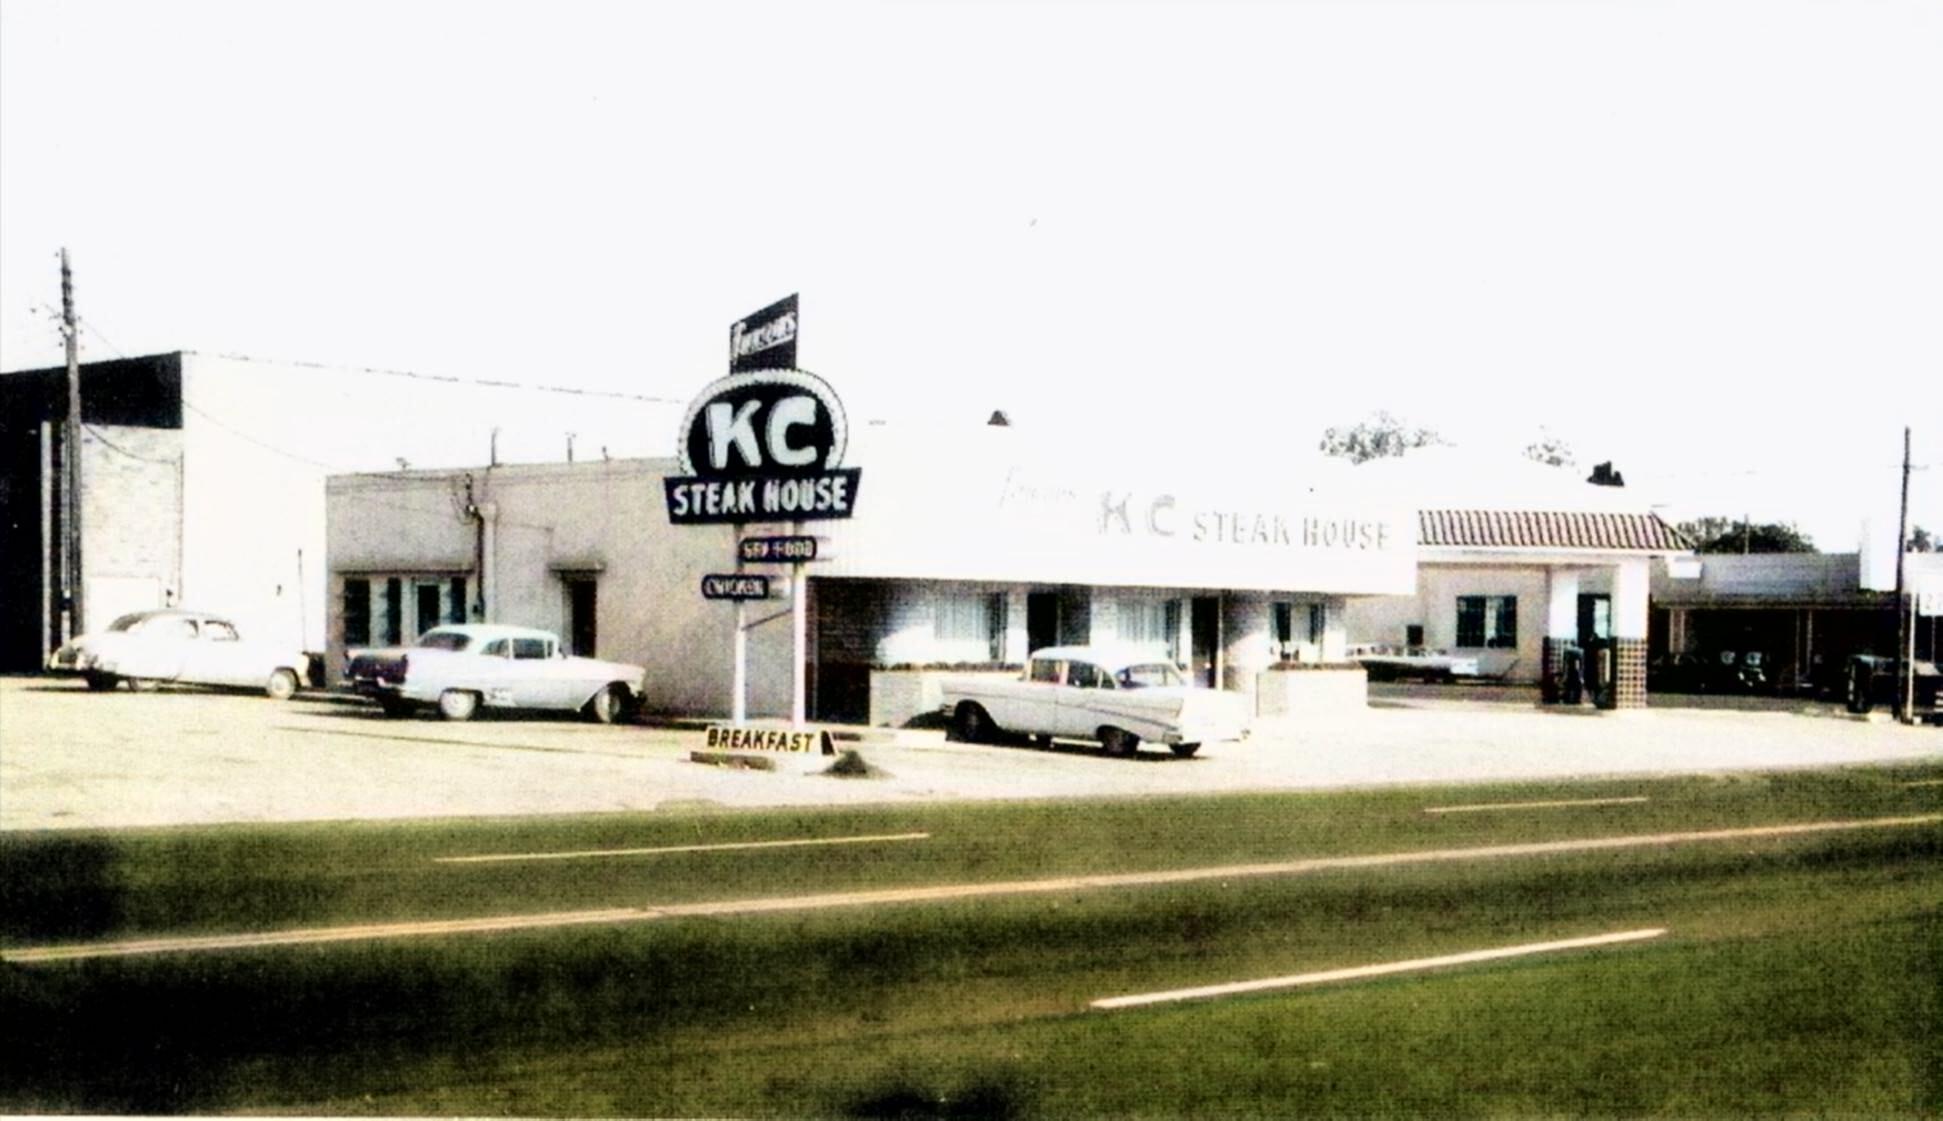 K.C. Steakhouse in Hempstead